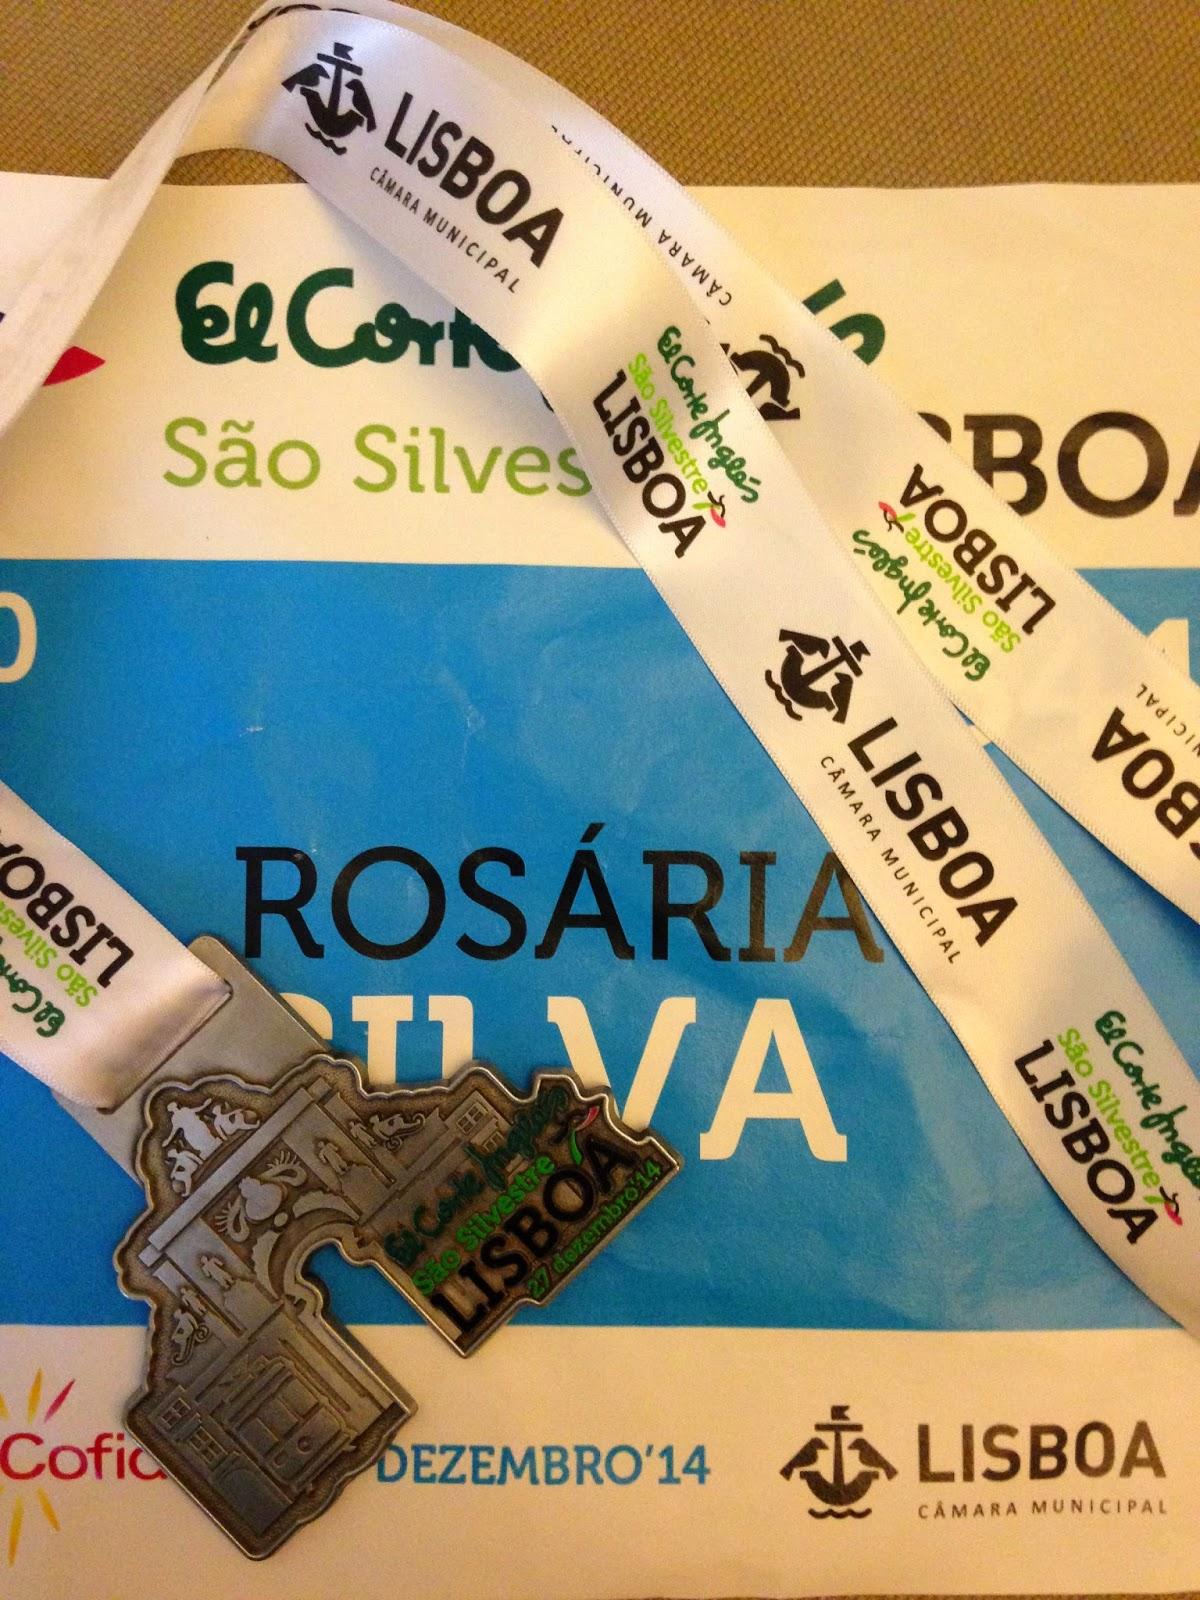 São Silvestre, Lisboa :)